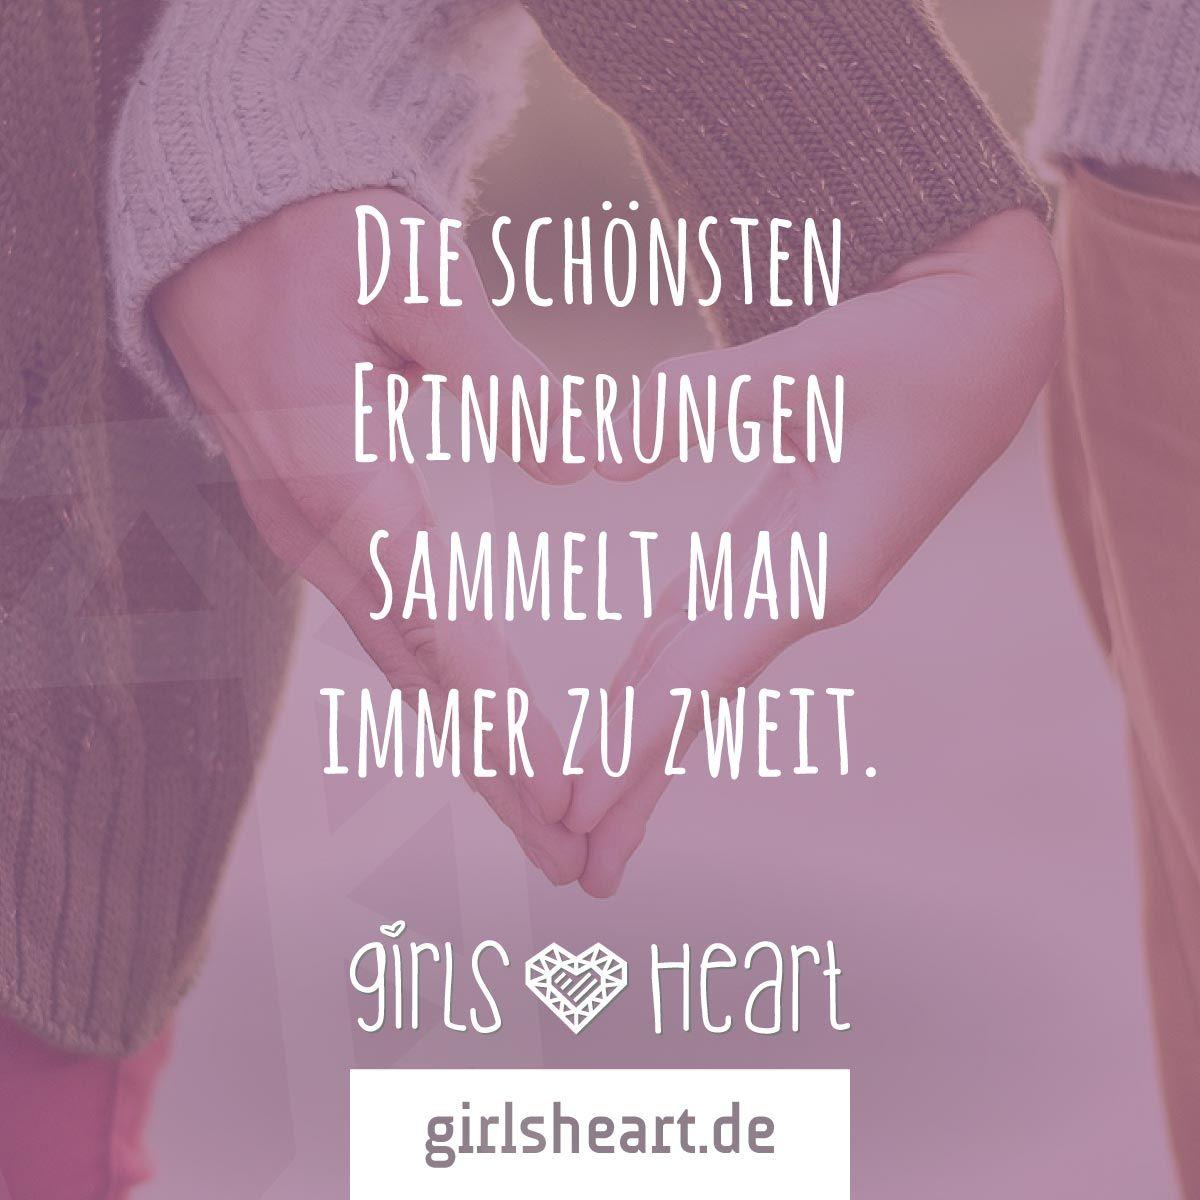 Mehr Spruche Auf Www Girlsheart De Erinnerungen Partner